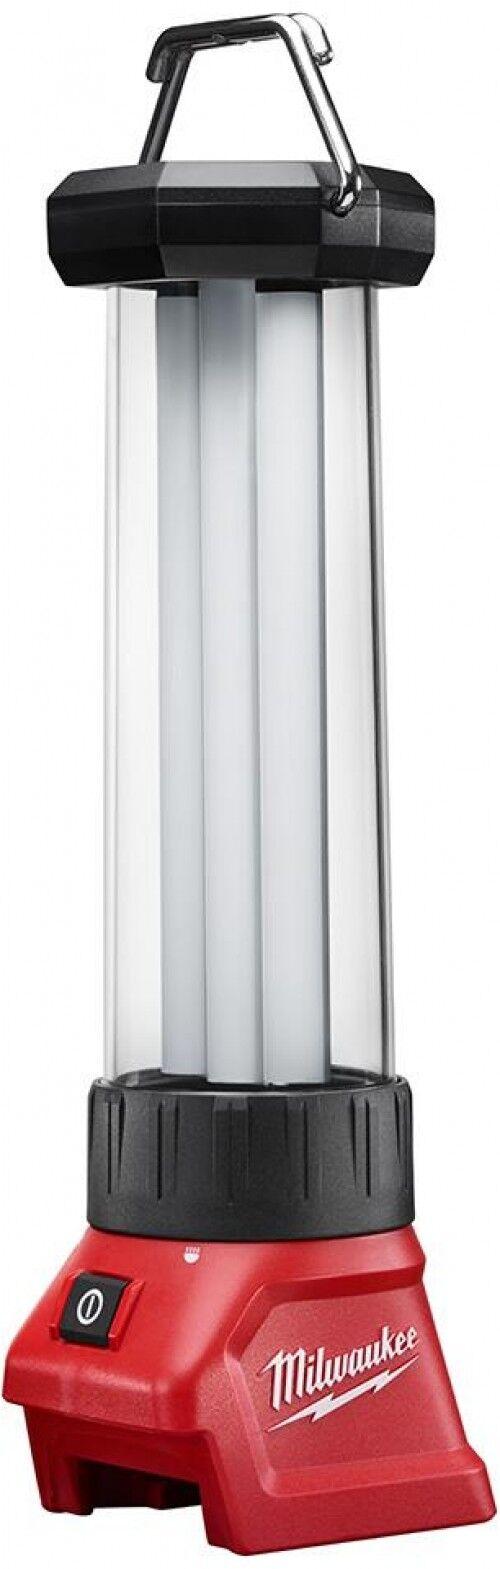 Flood Light Milwaukee 18-Volt Lithium-Ion Cordless LED Lantern Adjustable Beam